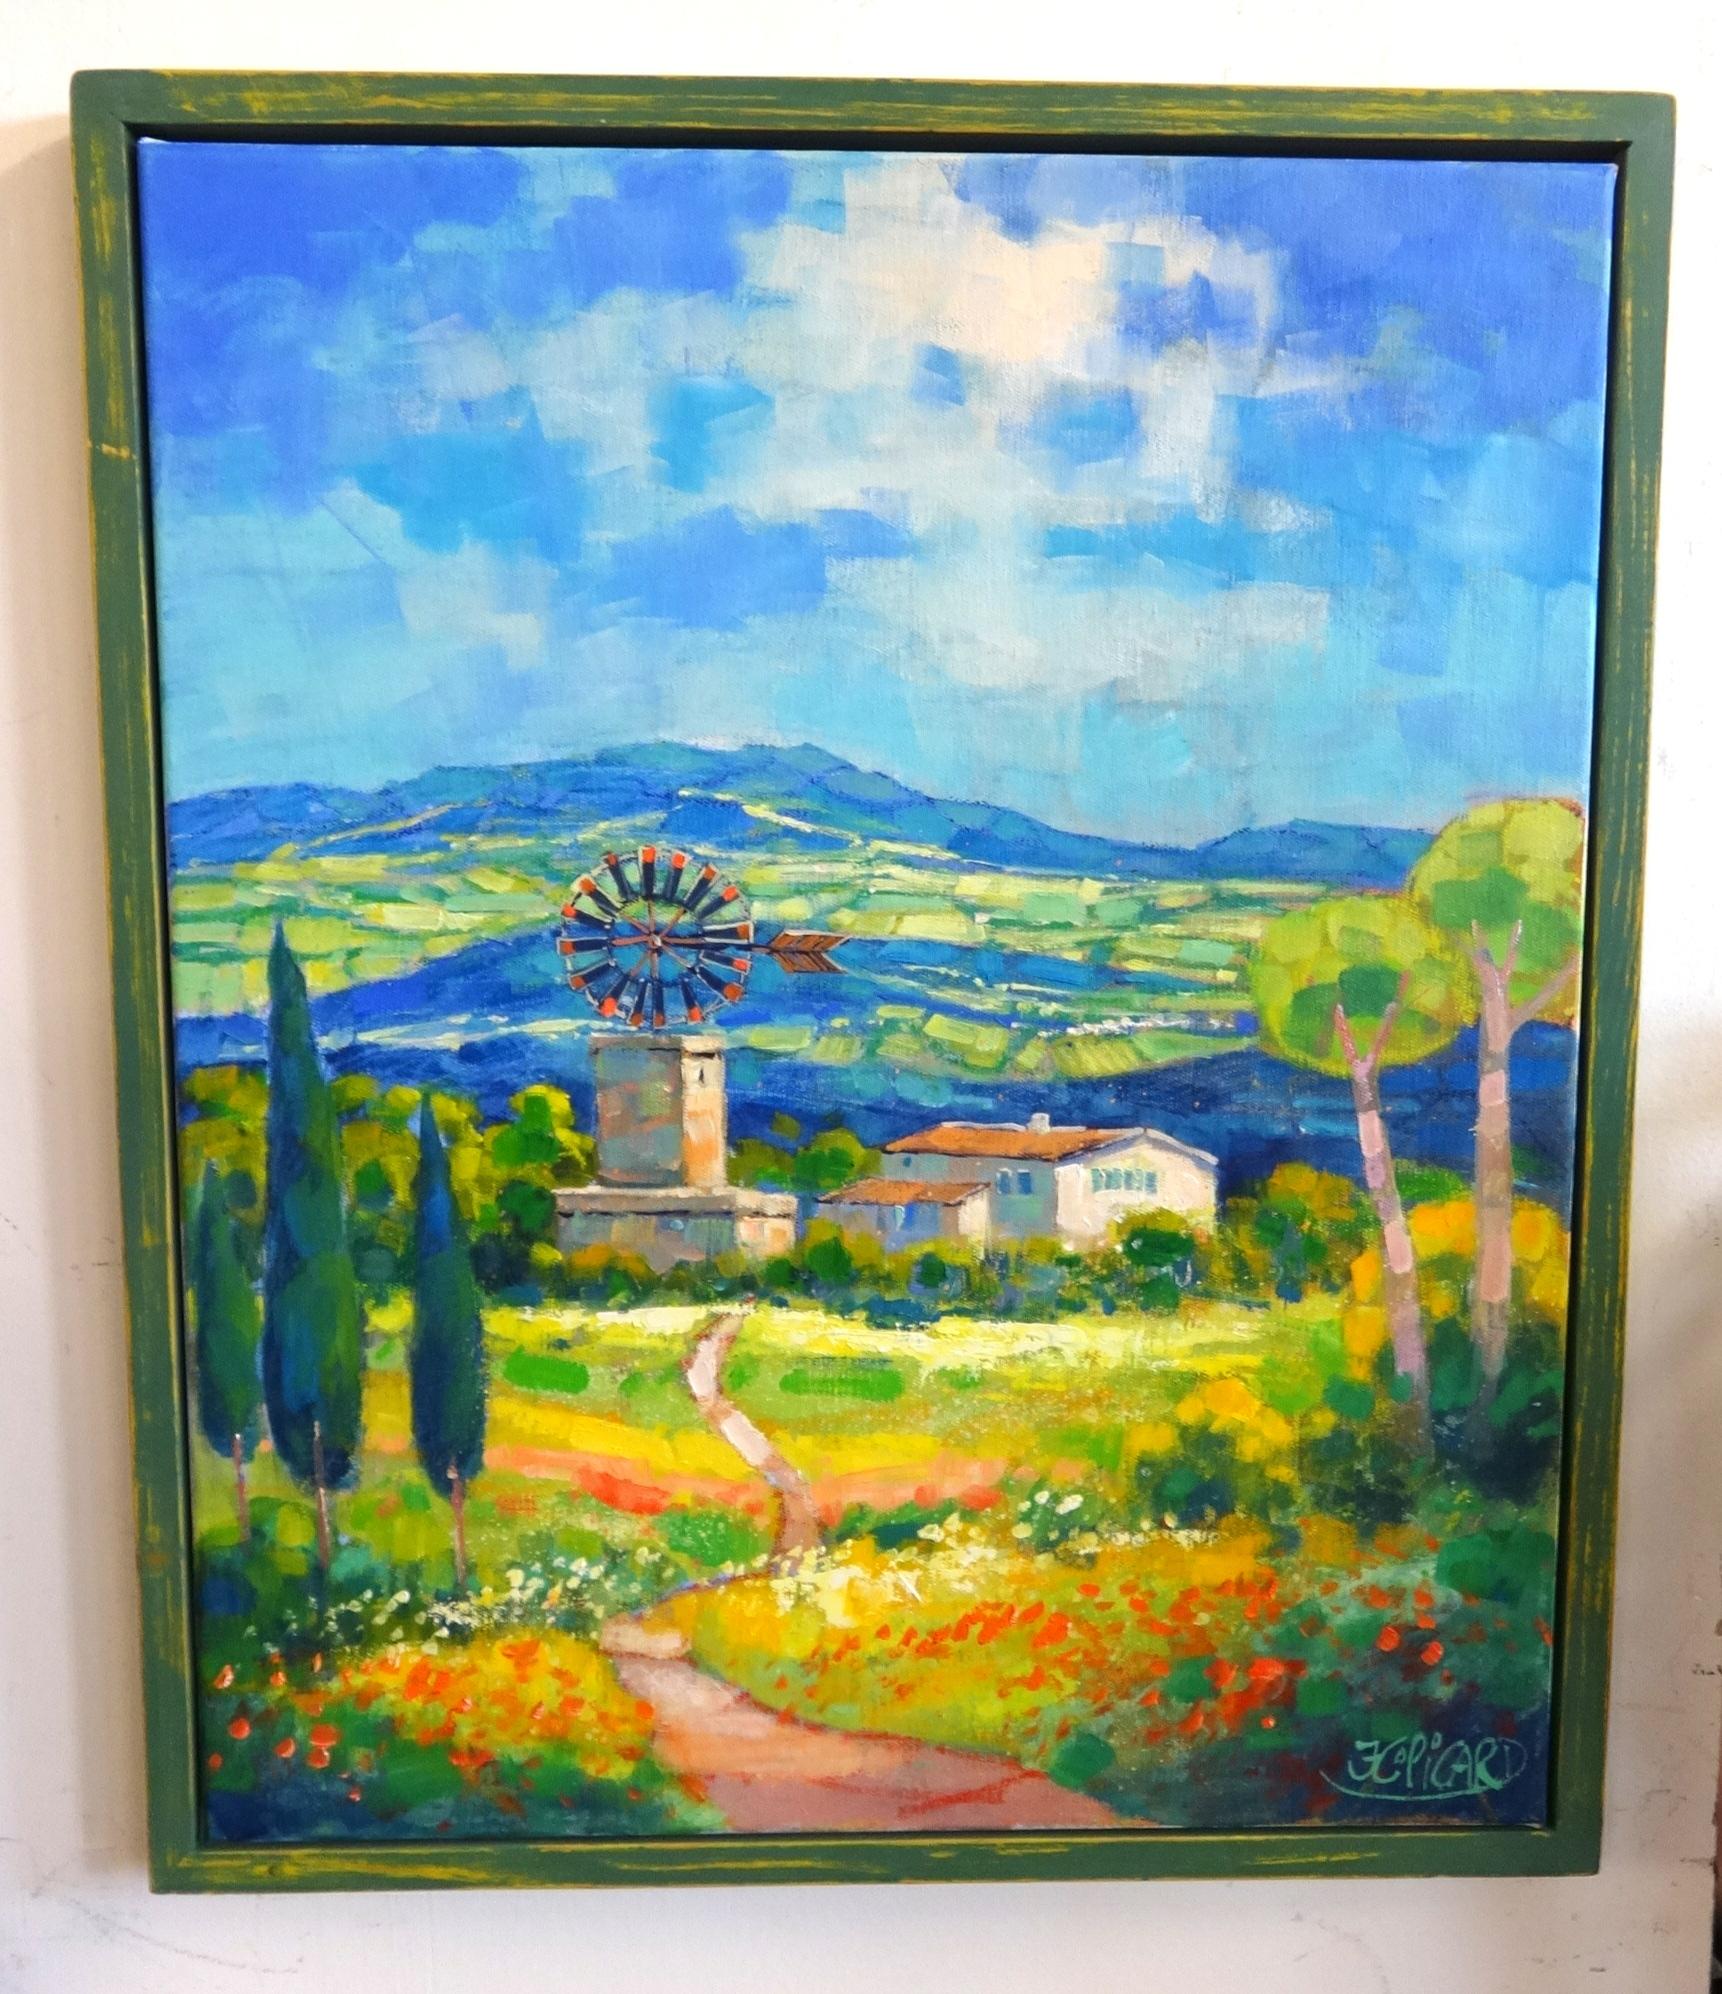 Lot 009 - Jean Claude Picard (b1943), oil on canvas, 'Landscape' signed, 60cm x 50cm.